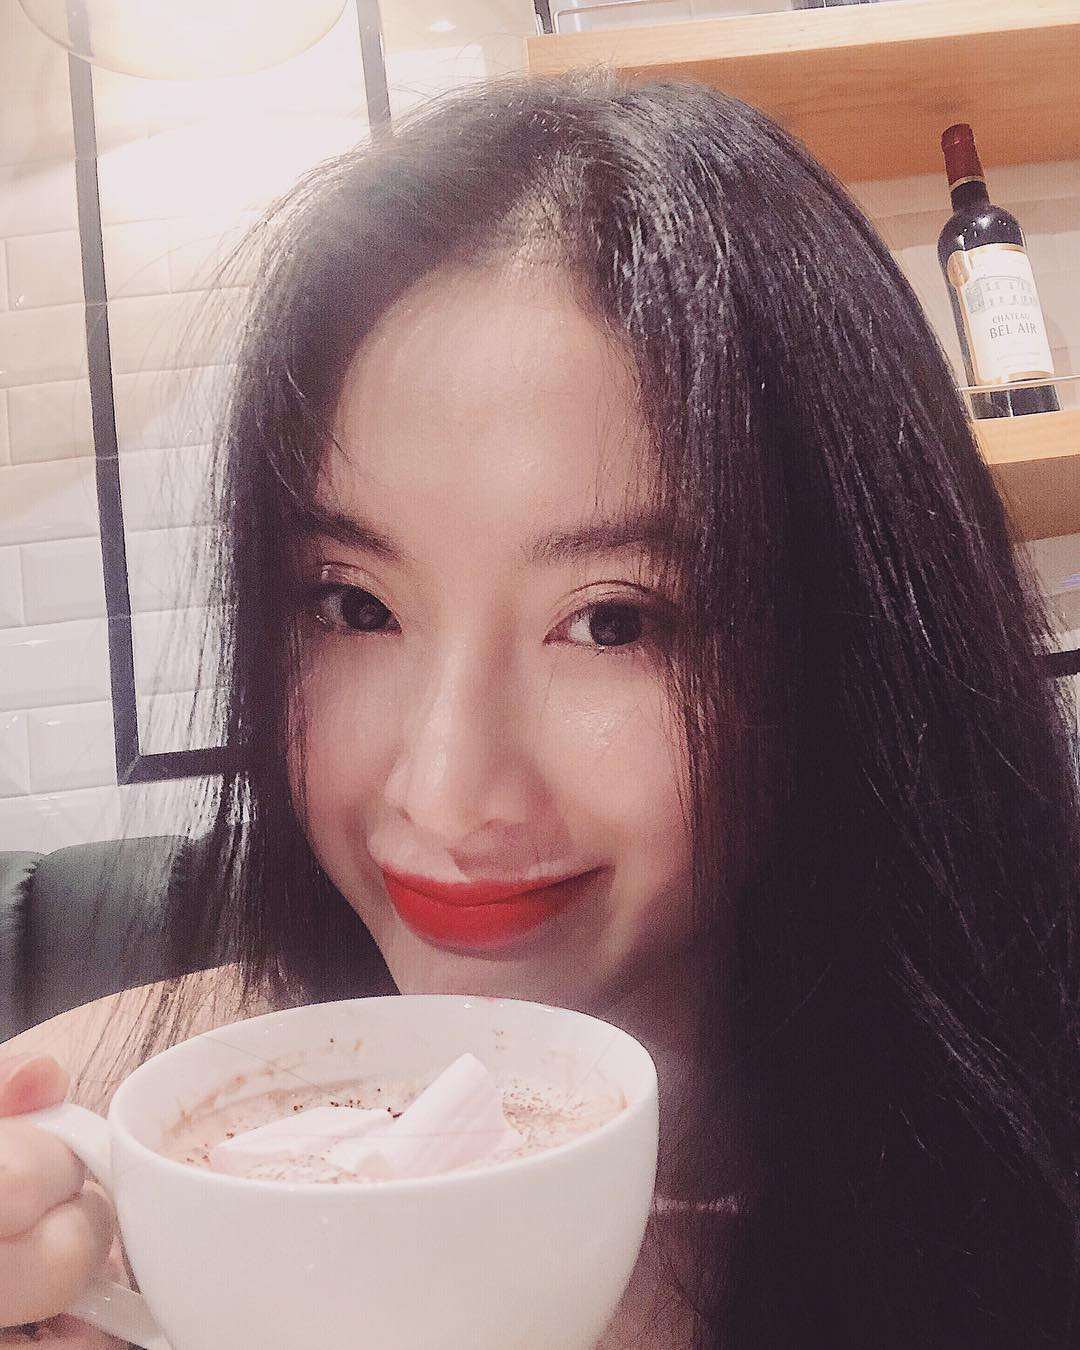 Gương mặt như tụ đủ 'ngàn lẻ một lớp makeup' nhưng Angela Phương Trinh vẫn khẳng định mình đang không trang điểm?